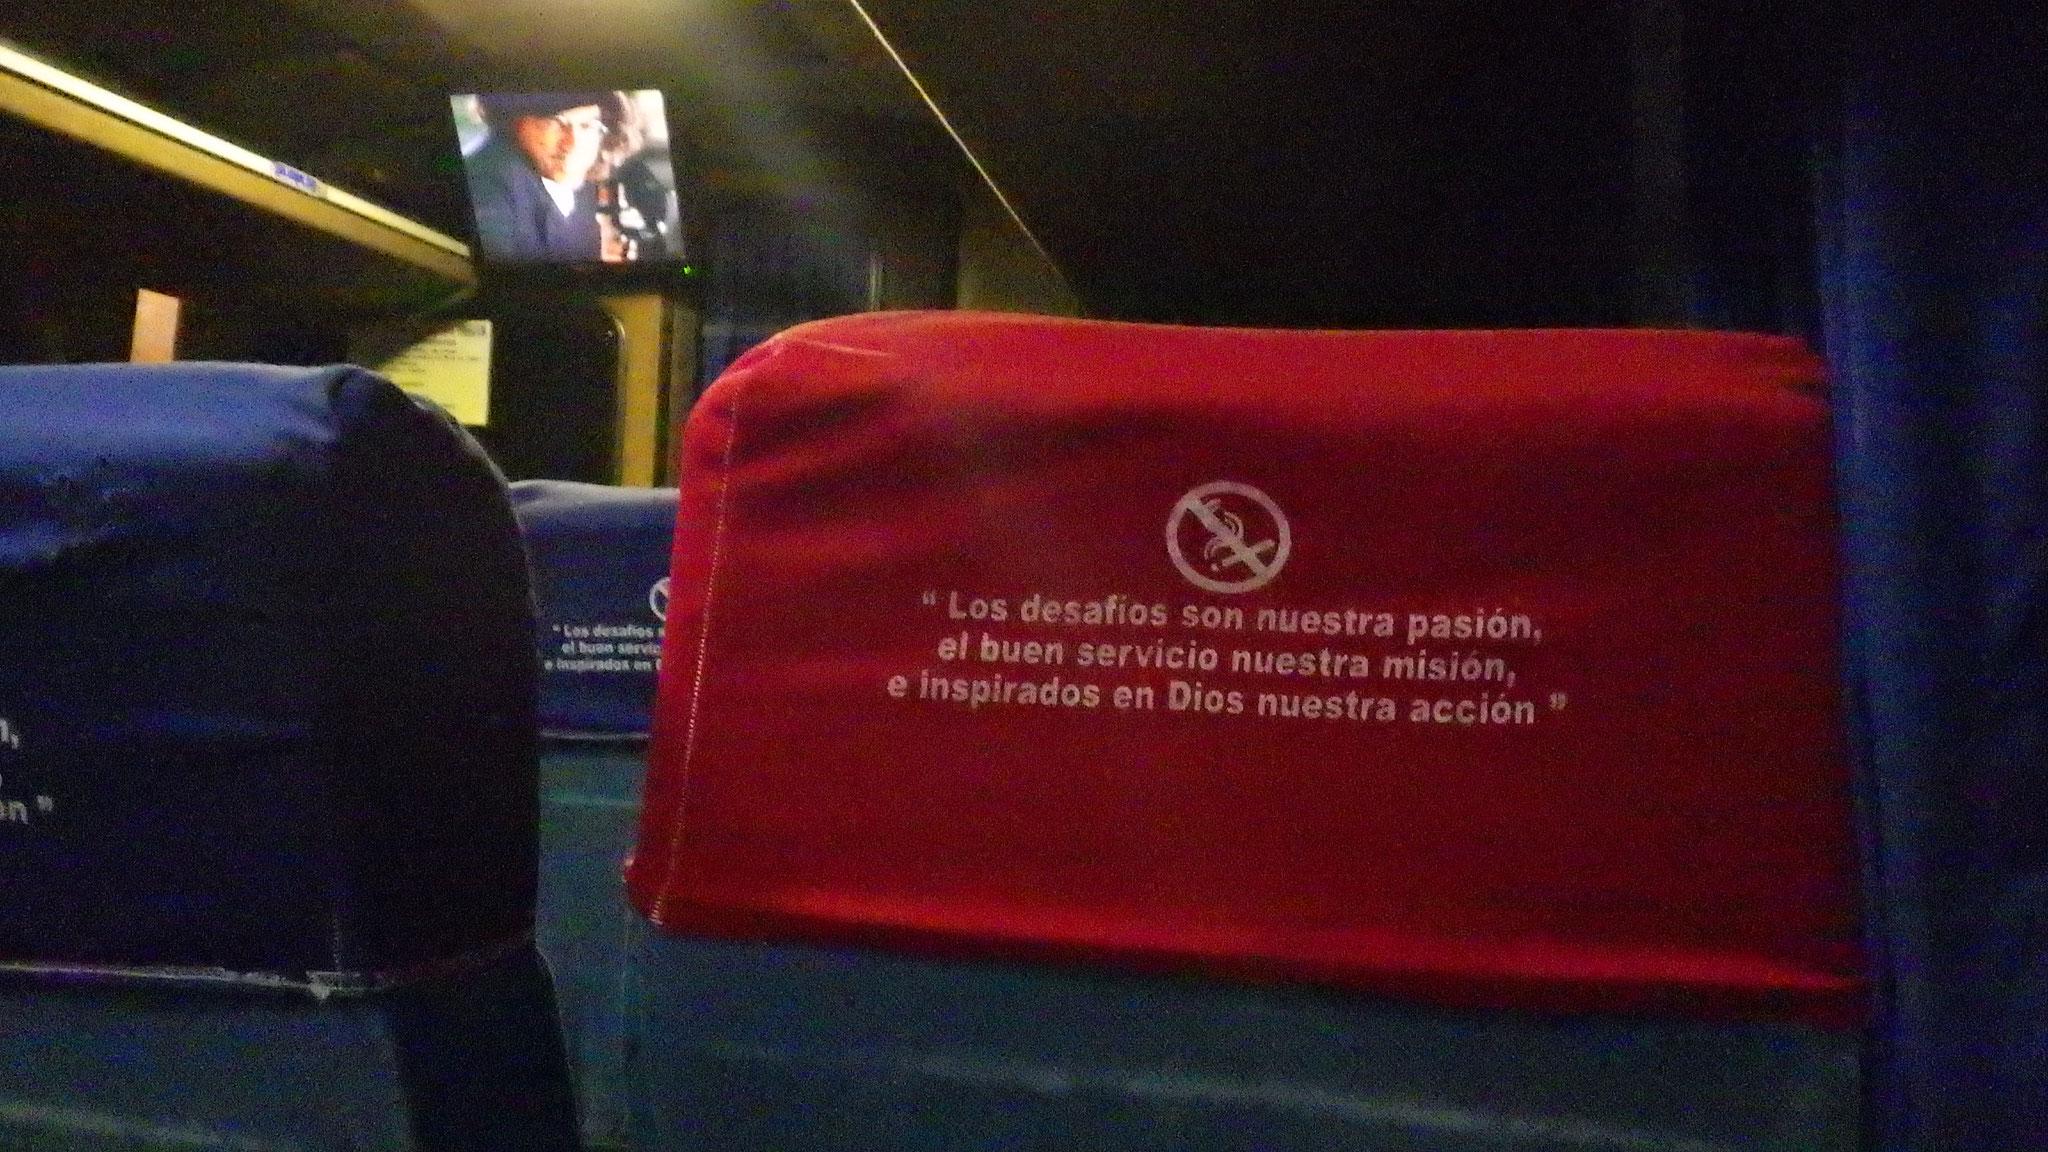 La tv dans les bus